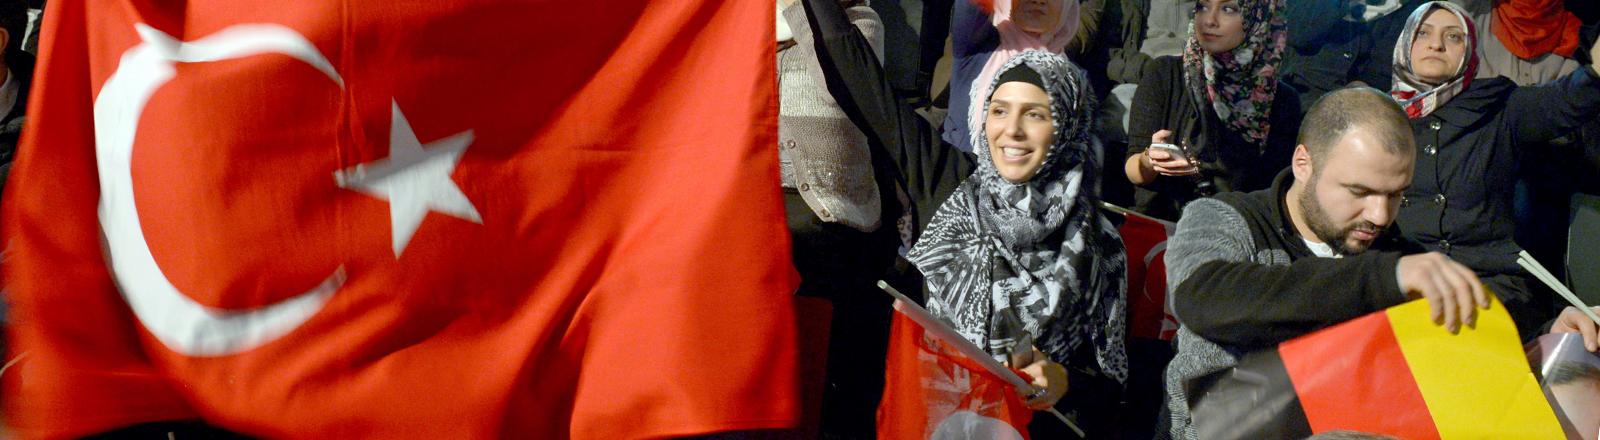 Auf den Auftritt des türkischen Ministerpräsidenten Erdogan warten Anhänger am 04.02.2014 im Tempodrom in Berlin.